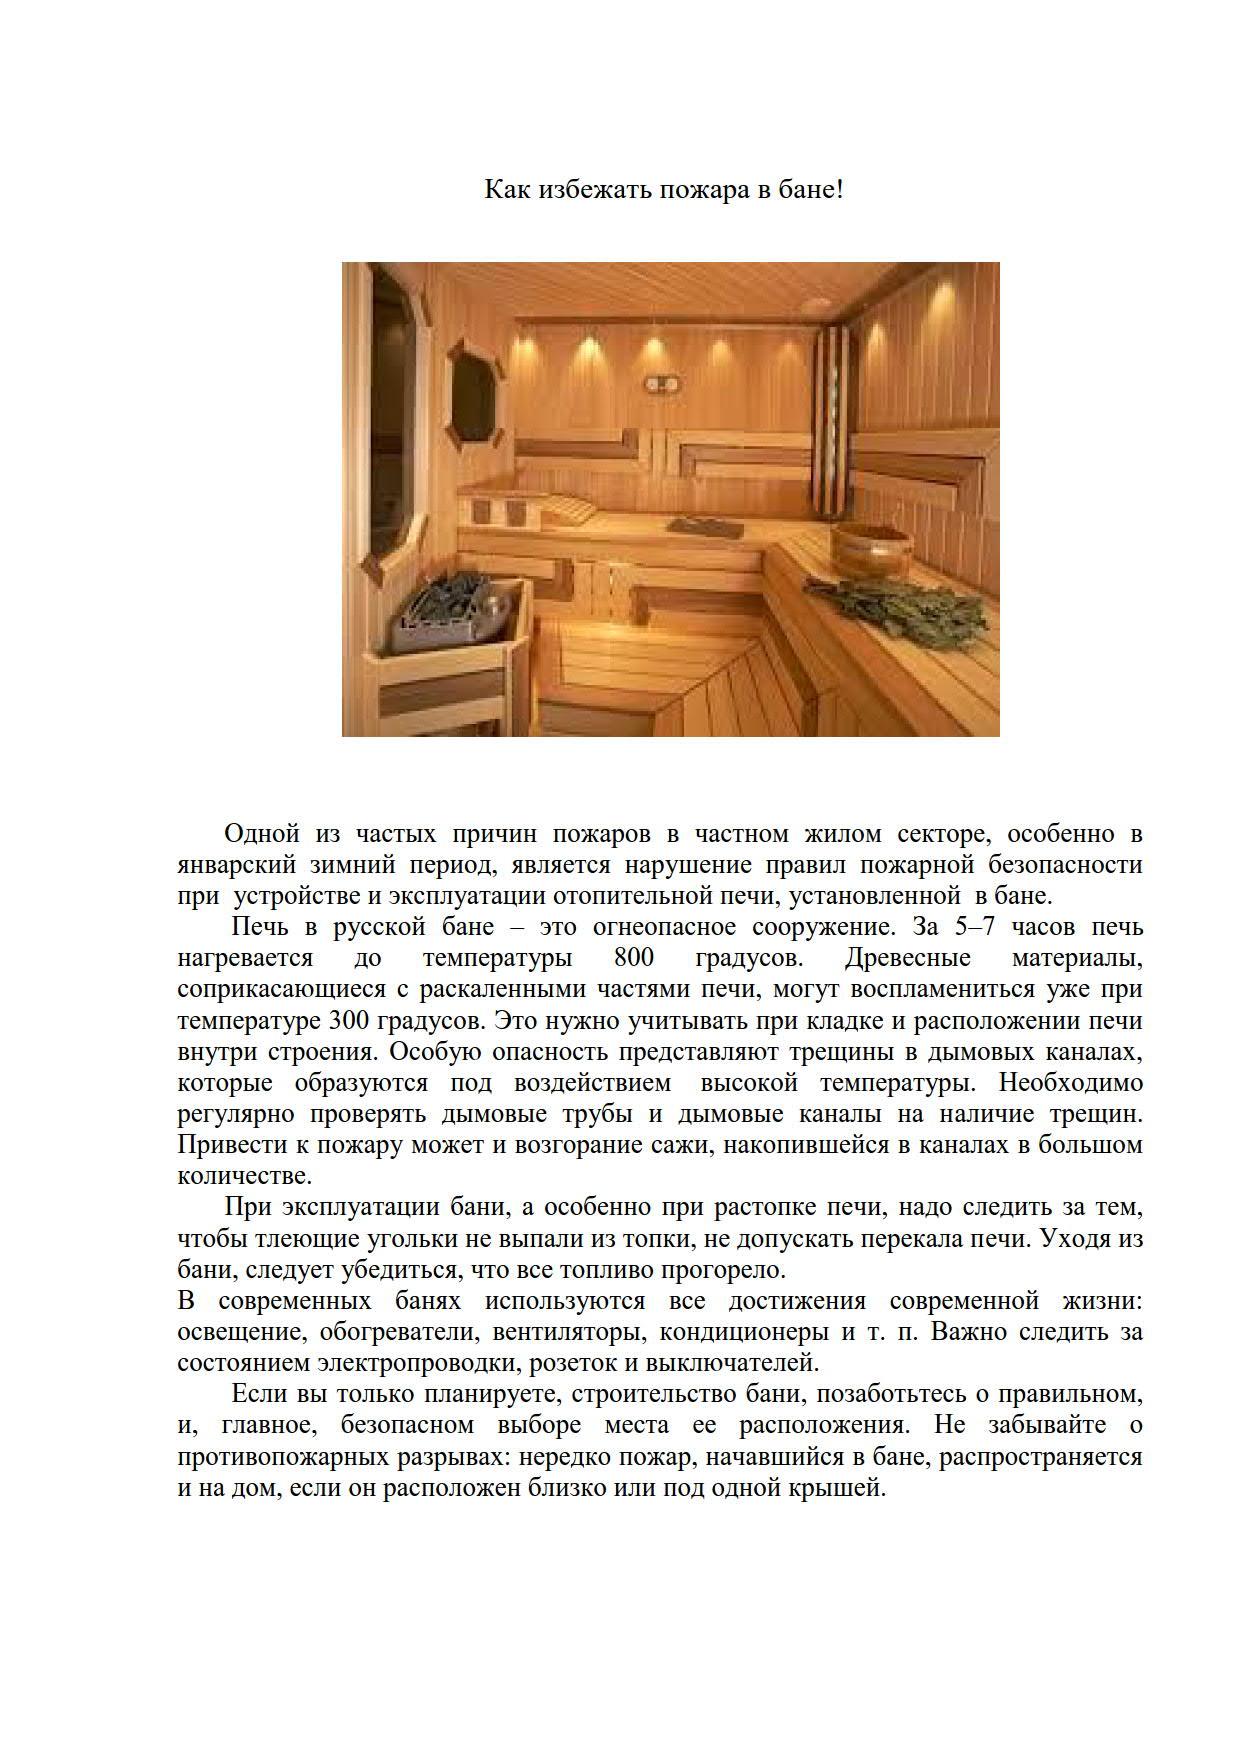 Памятка баня_1